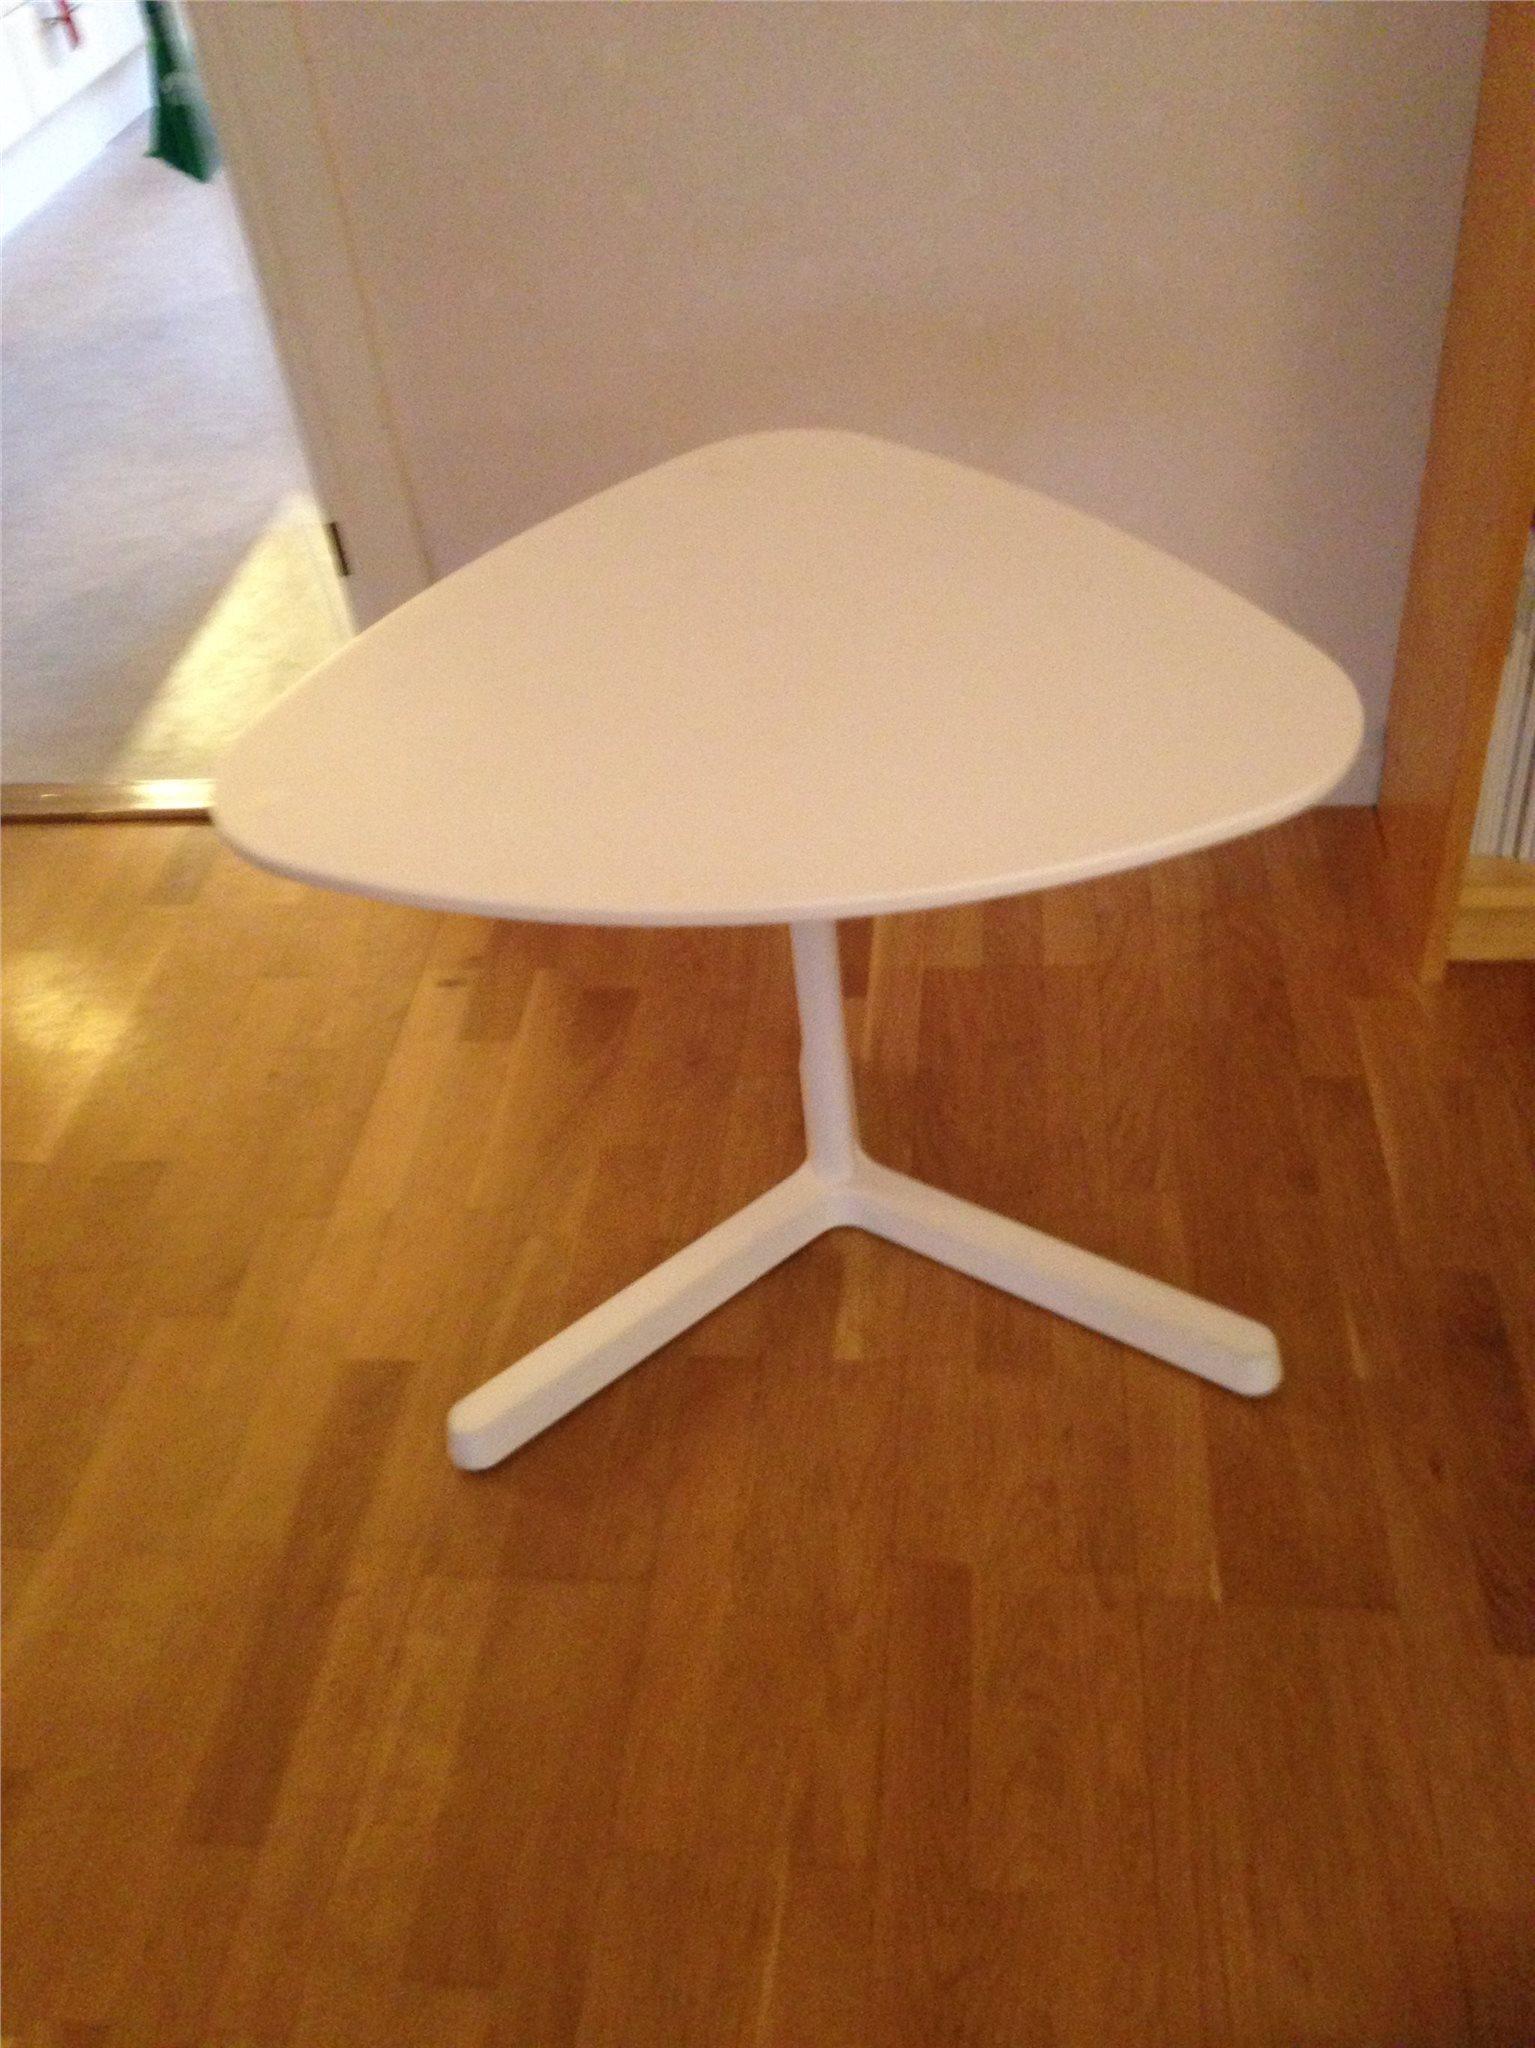 Ikea Svartåsen datorbord på Tradera comÖvriga möbler Möbler Hem